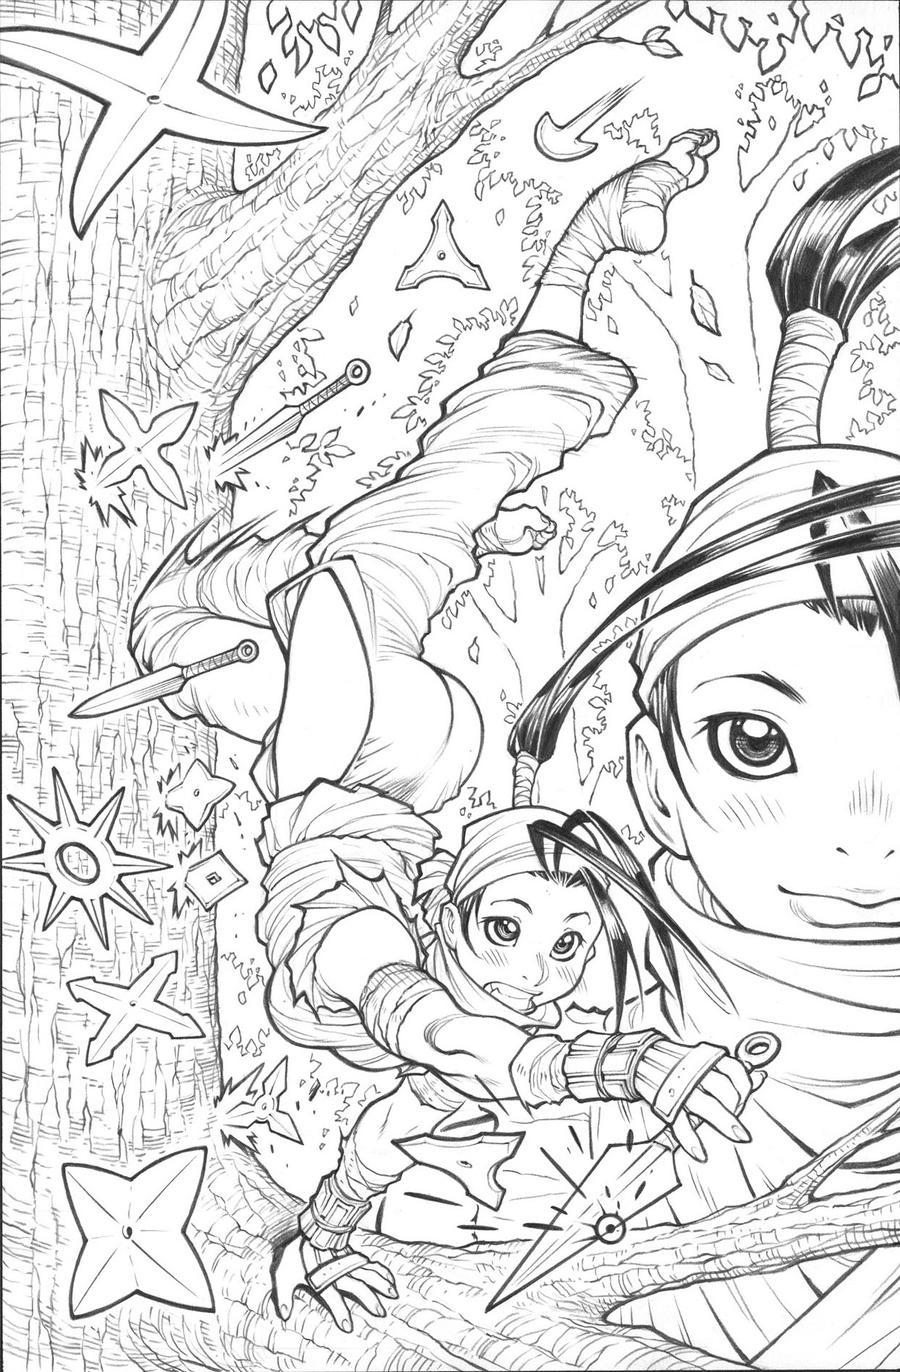 IBUKI issue3 alt-cover pencils